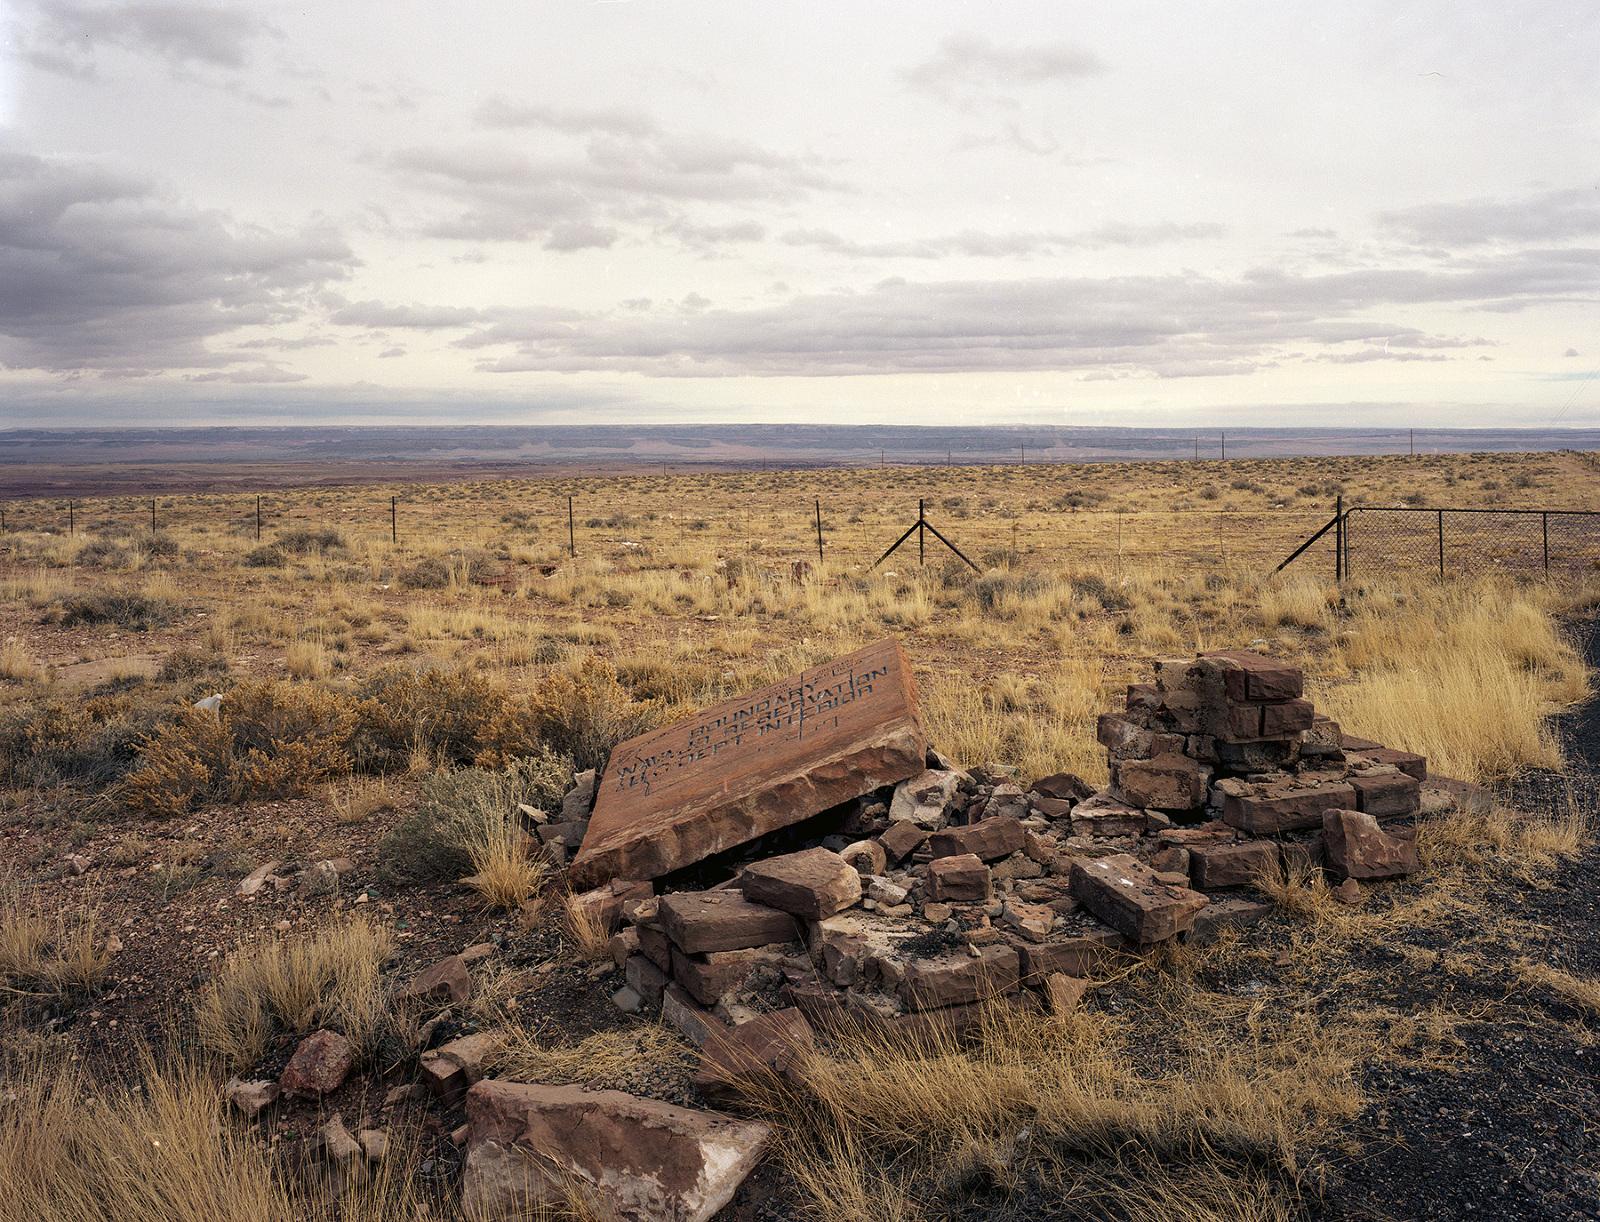 Near Shiprock, New Mexico